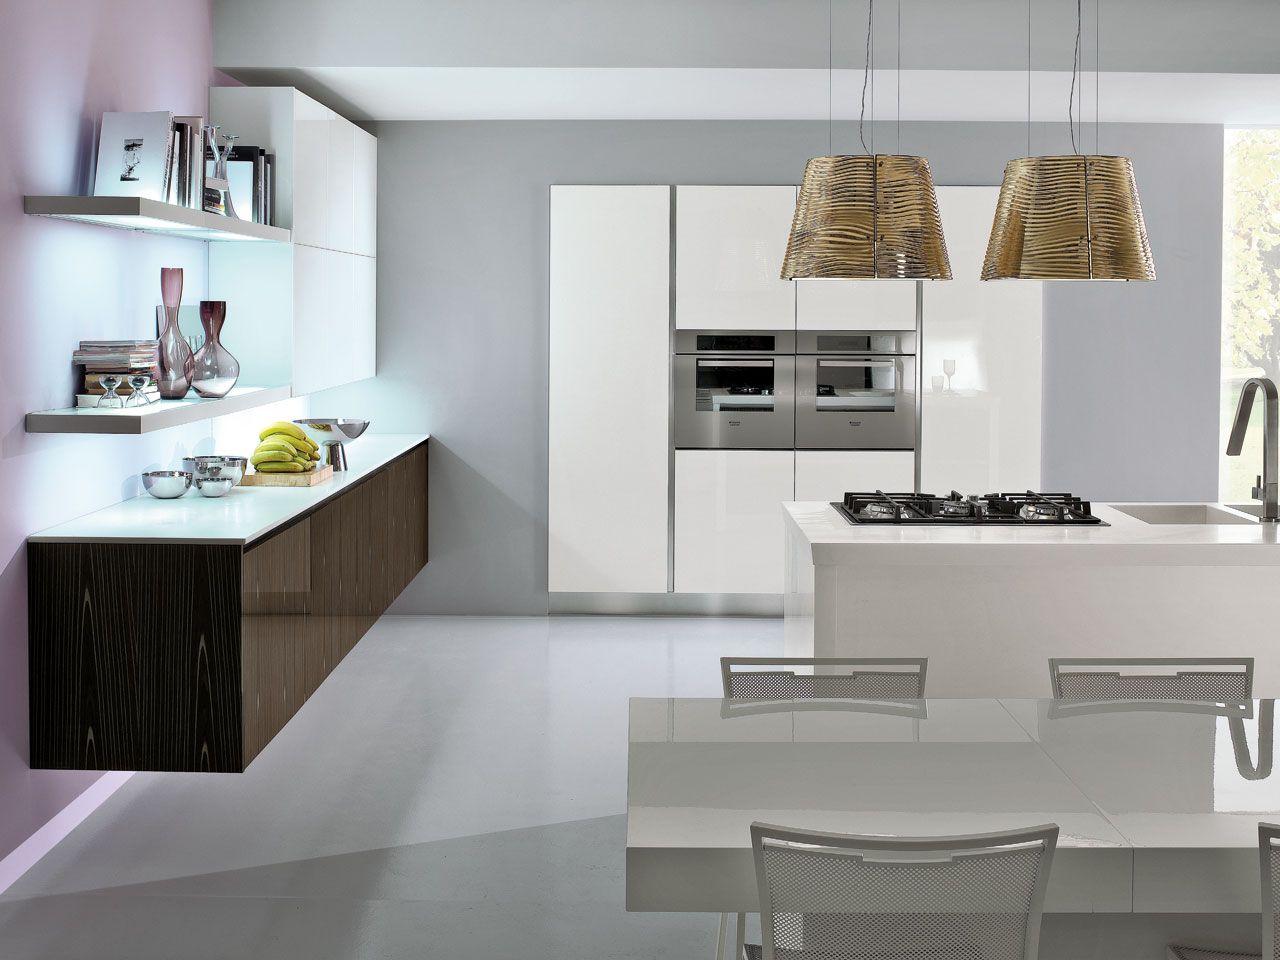 Cucina Brava Lube : Cucina componibile laccata con maniglie integrate